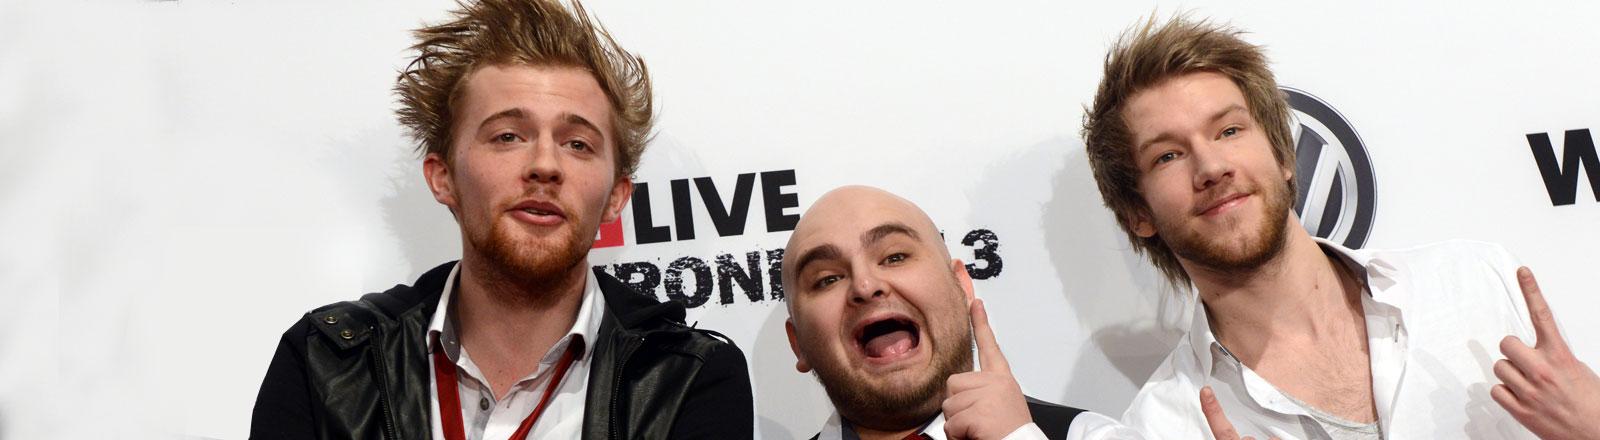 Das Musik- und Comedytrio Apecrime bei der Verleihung der 1Live Krone